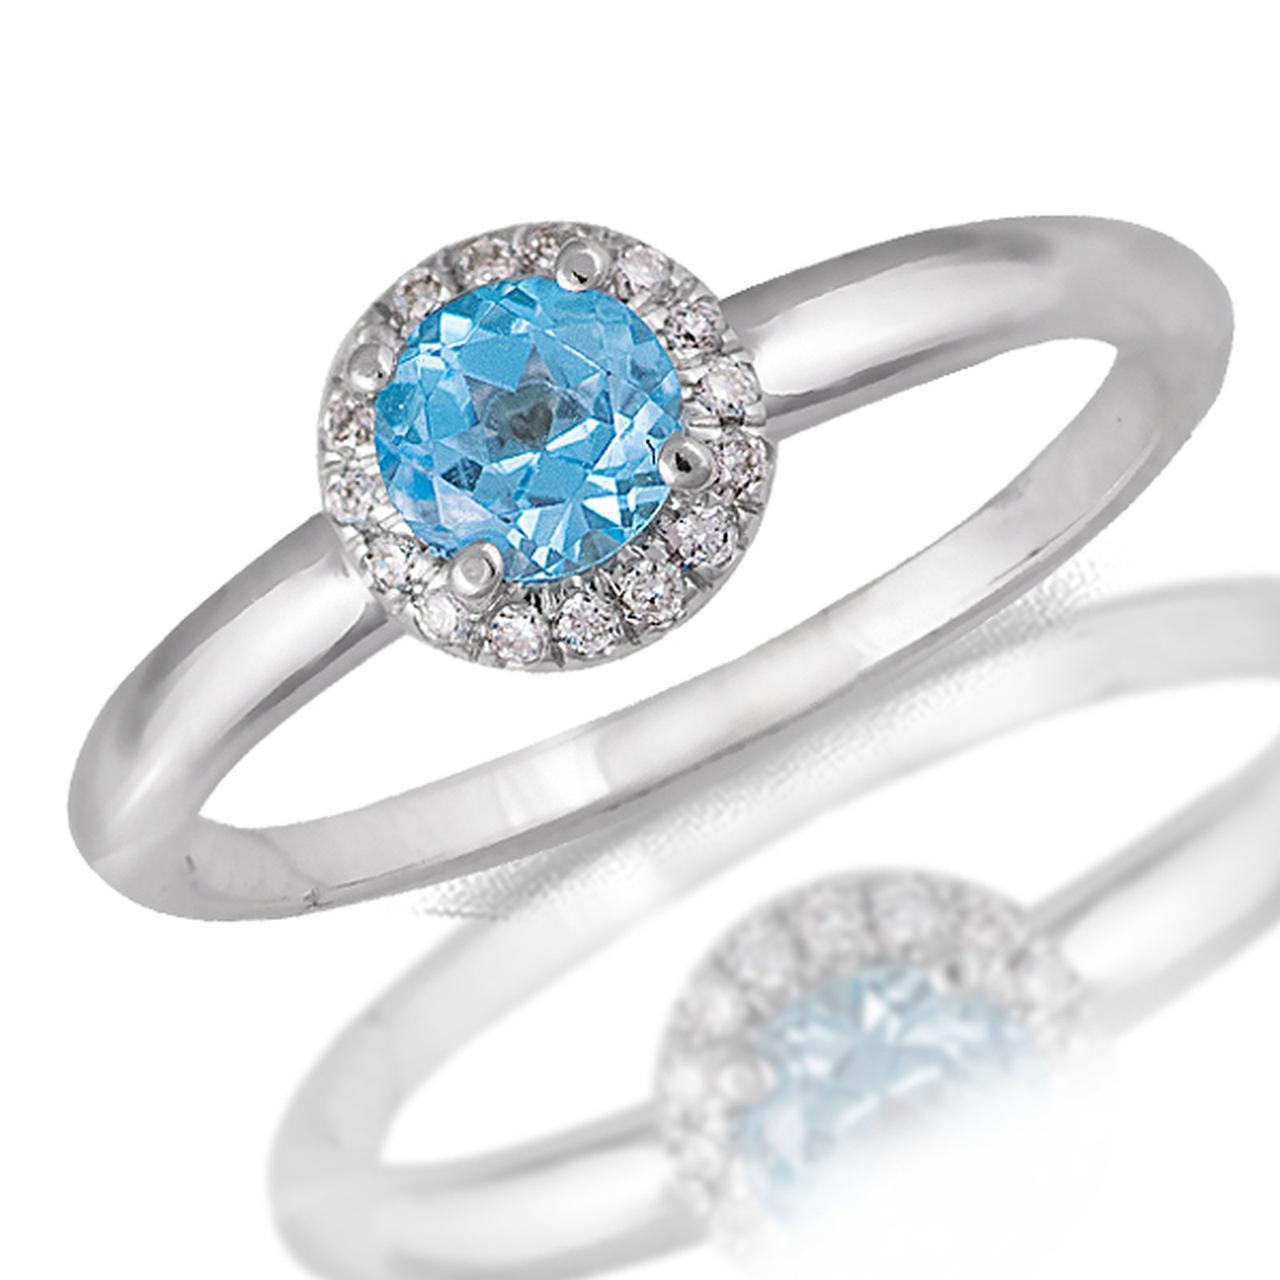 Золотое кольцо с бриллиантами и топазом, размер 16.5 (048196)